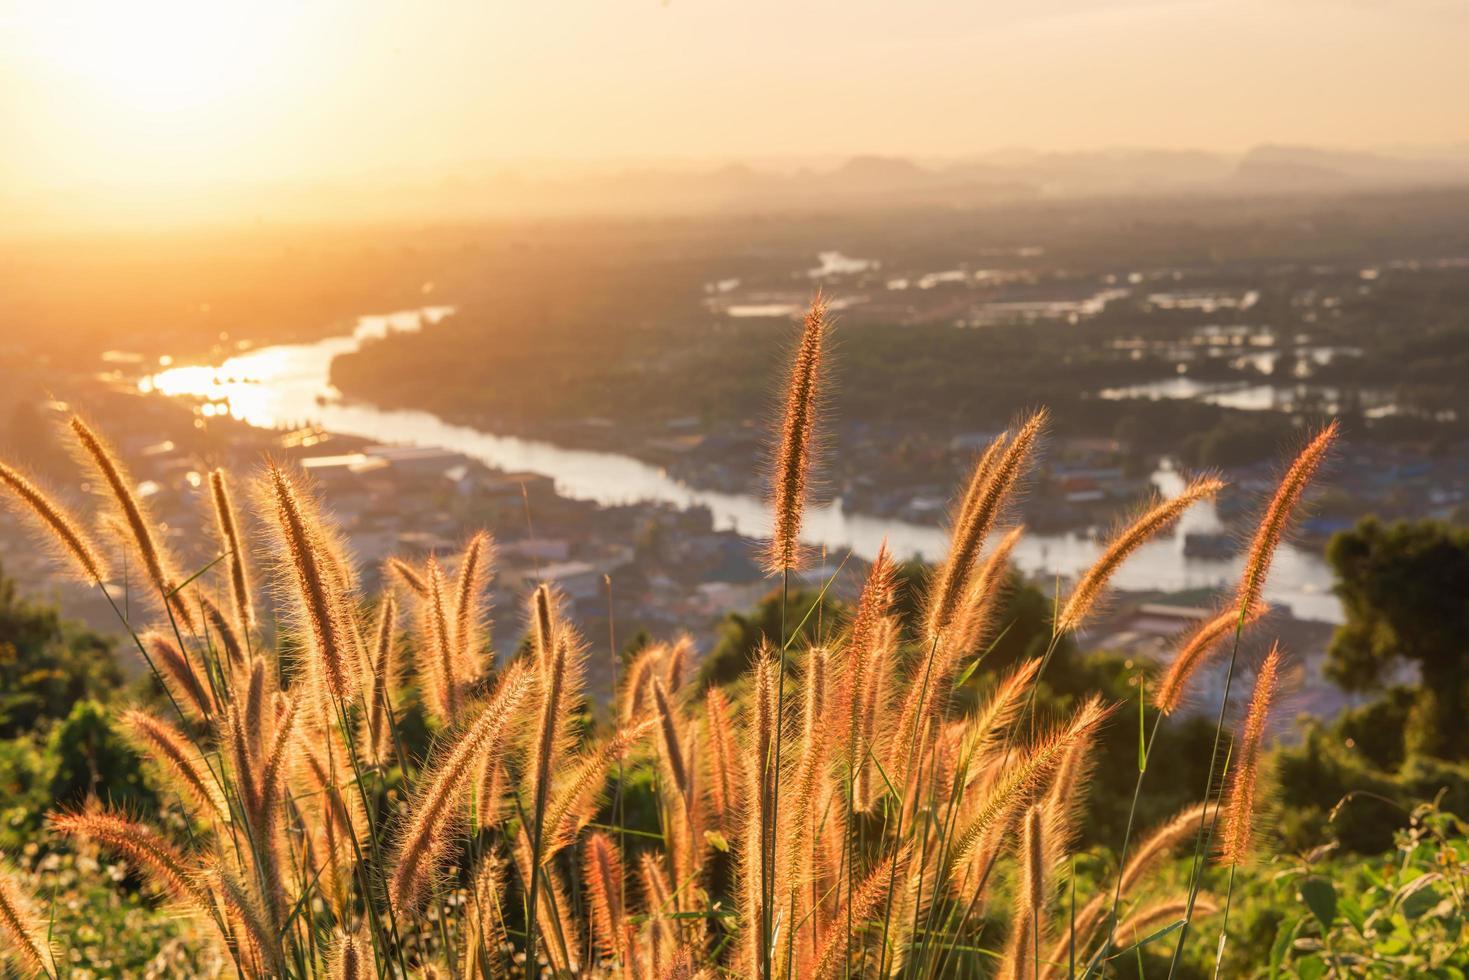 campo natural alto dos wheatgrass foto